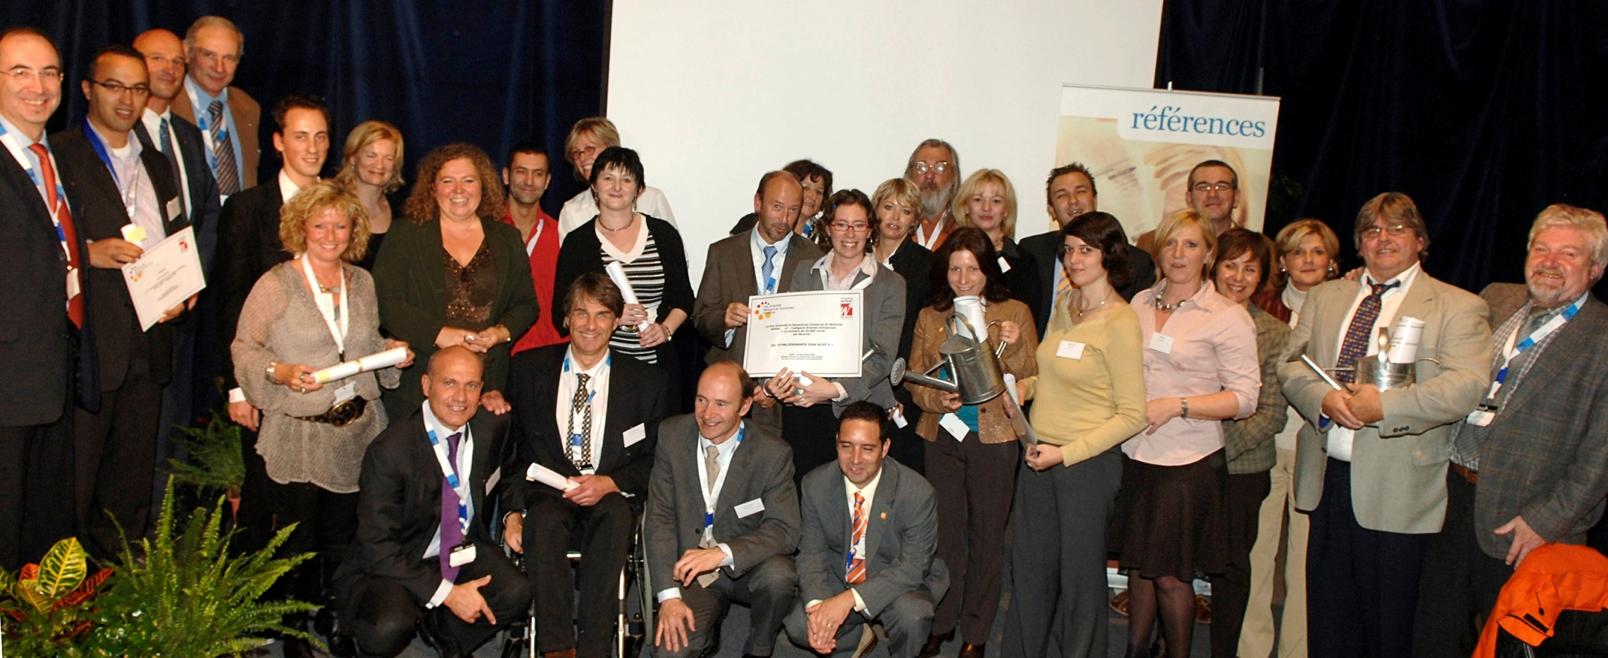 Prix Diversité et Ressources Humaines 2007       TEC HAINAUT – SECOS –SECONET